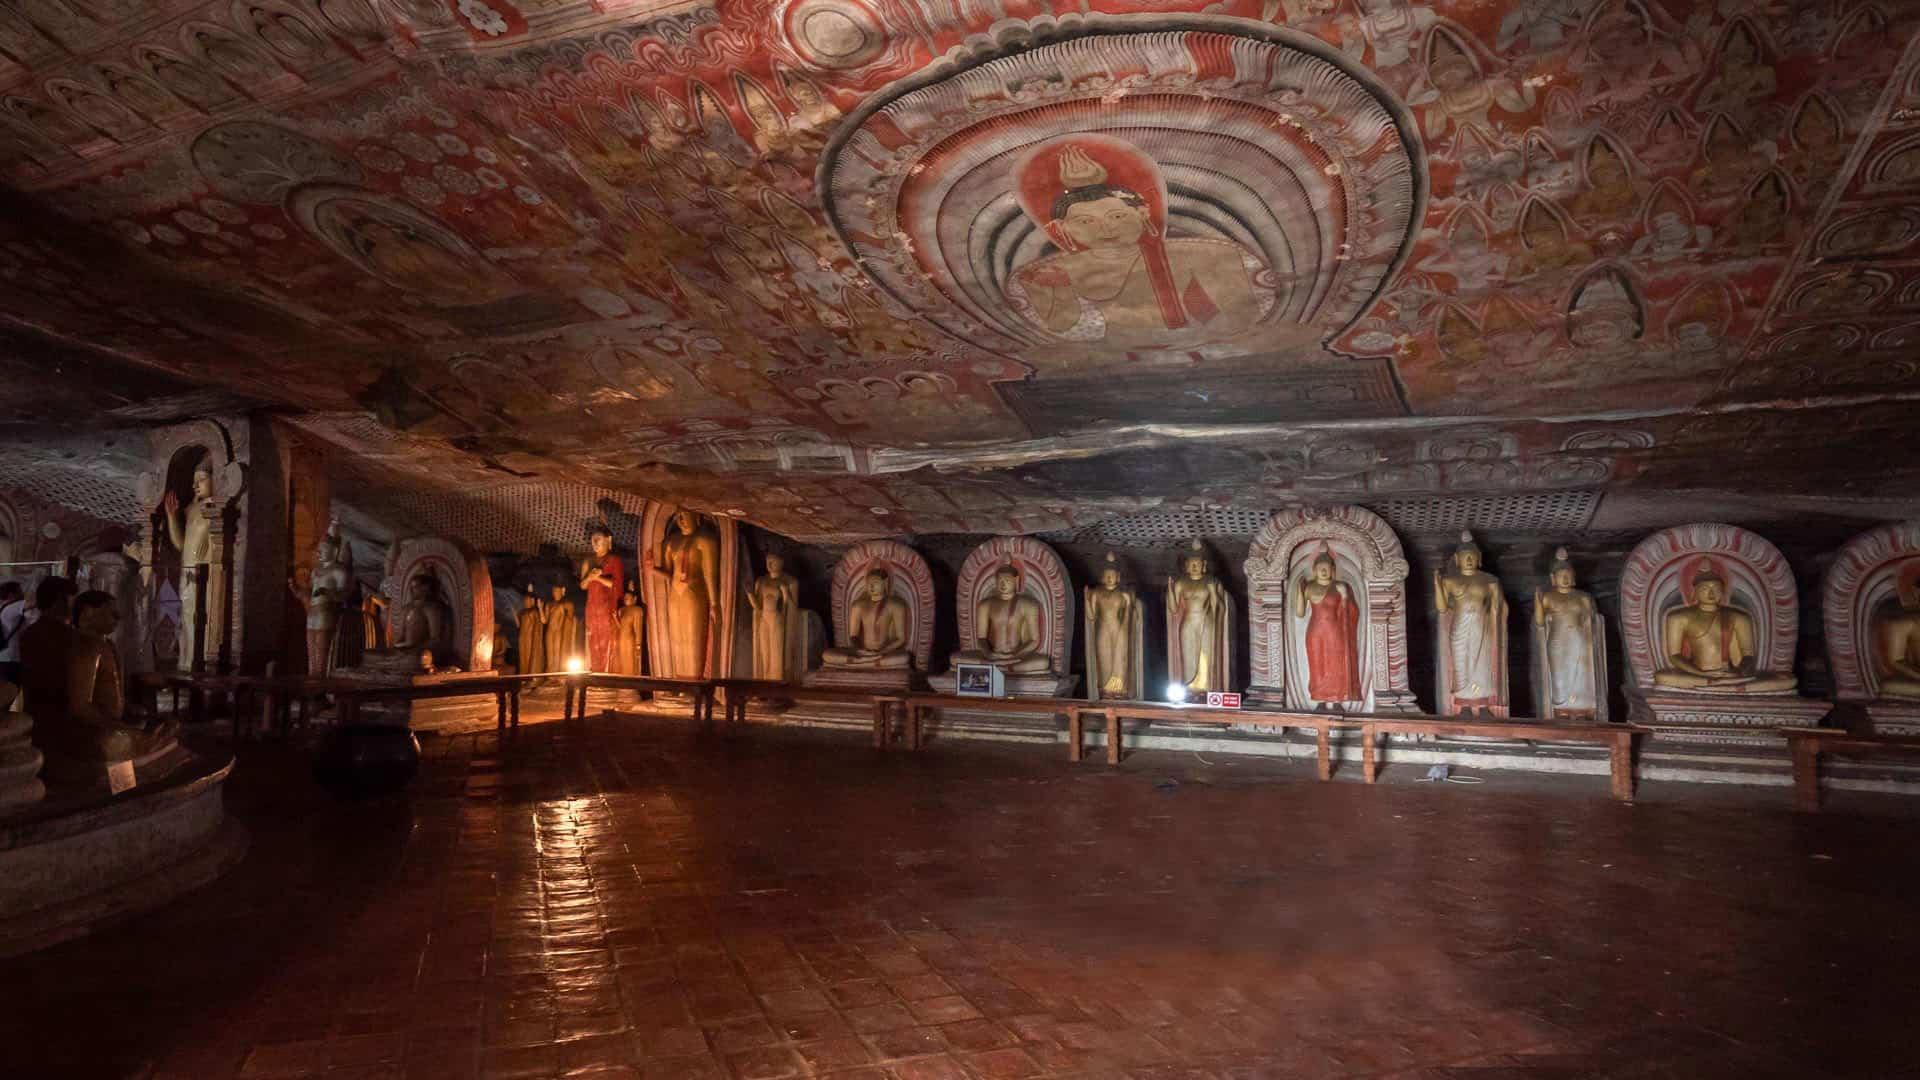 dambulla-cave-temple